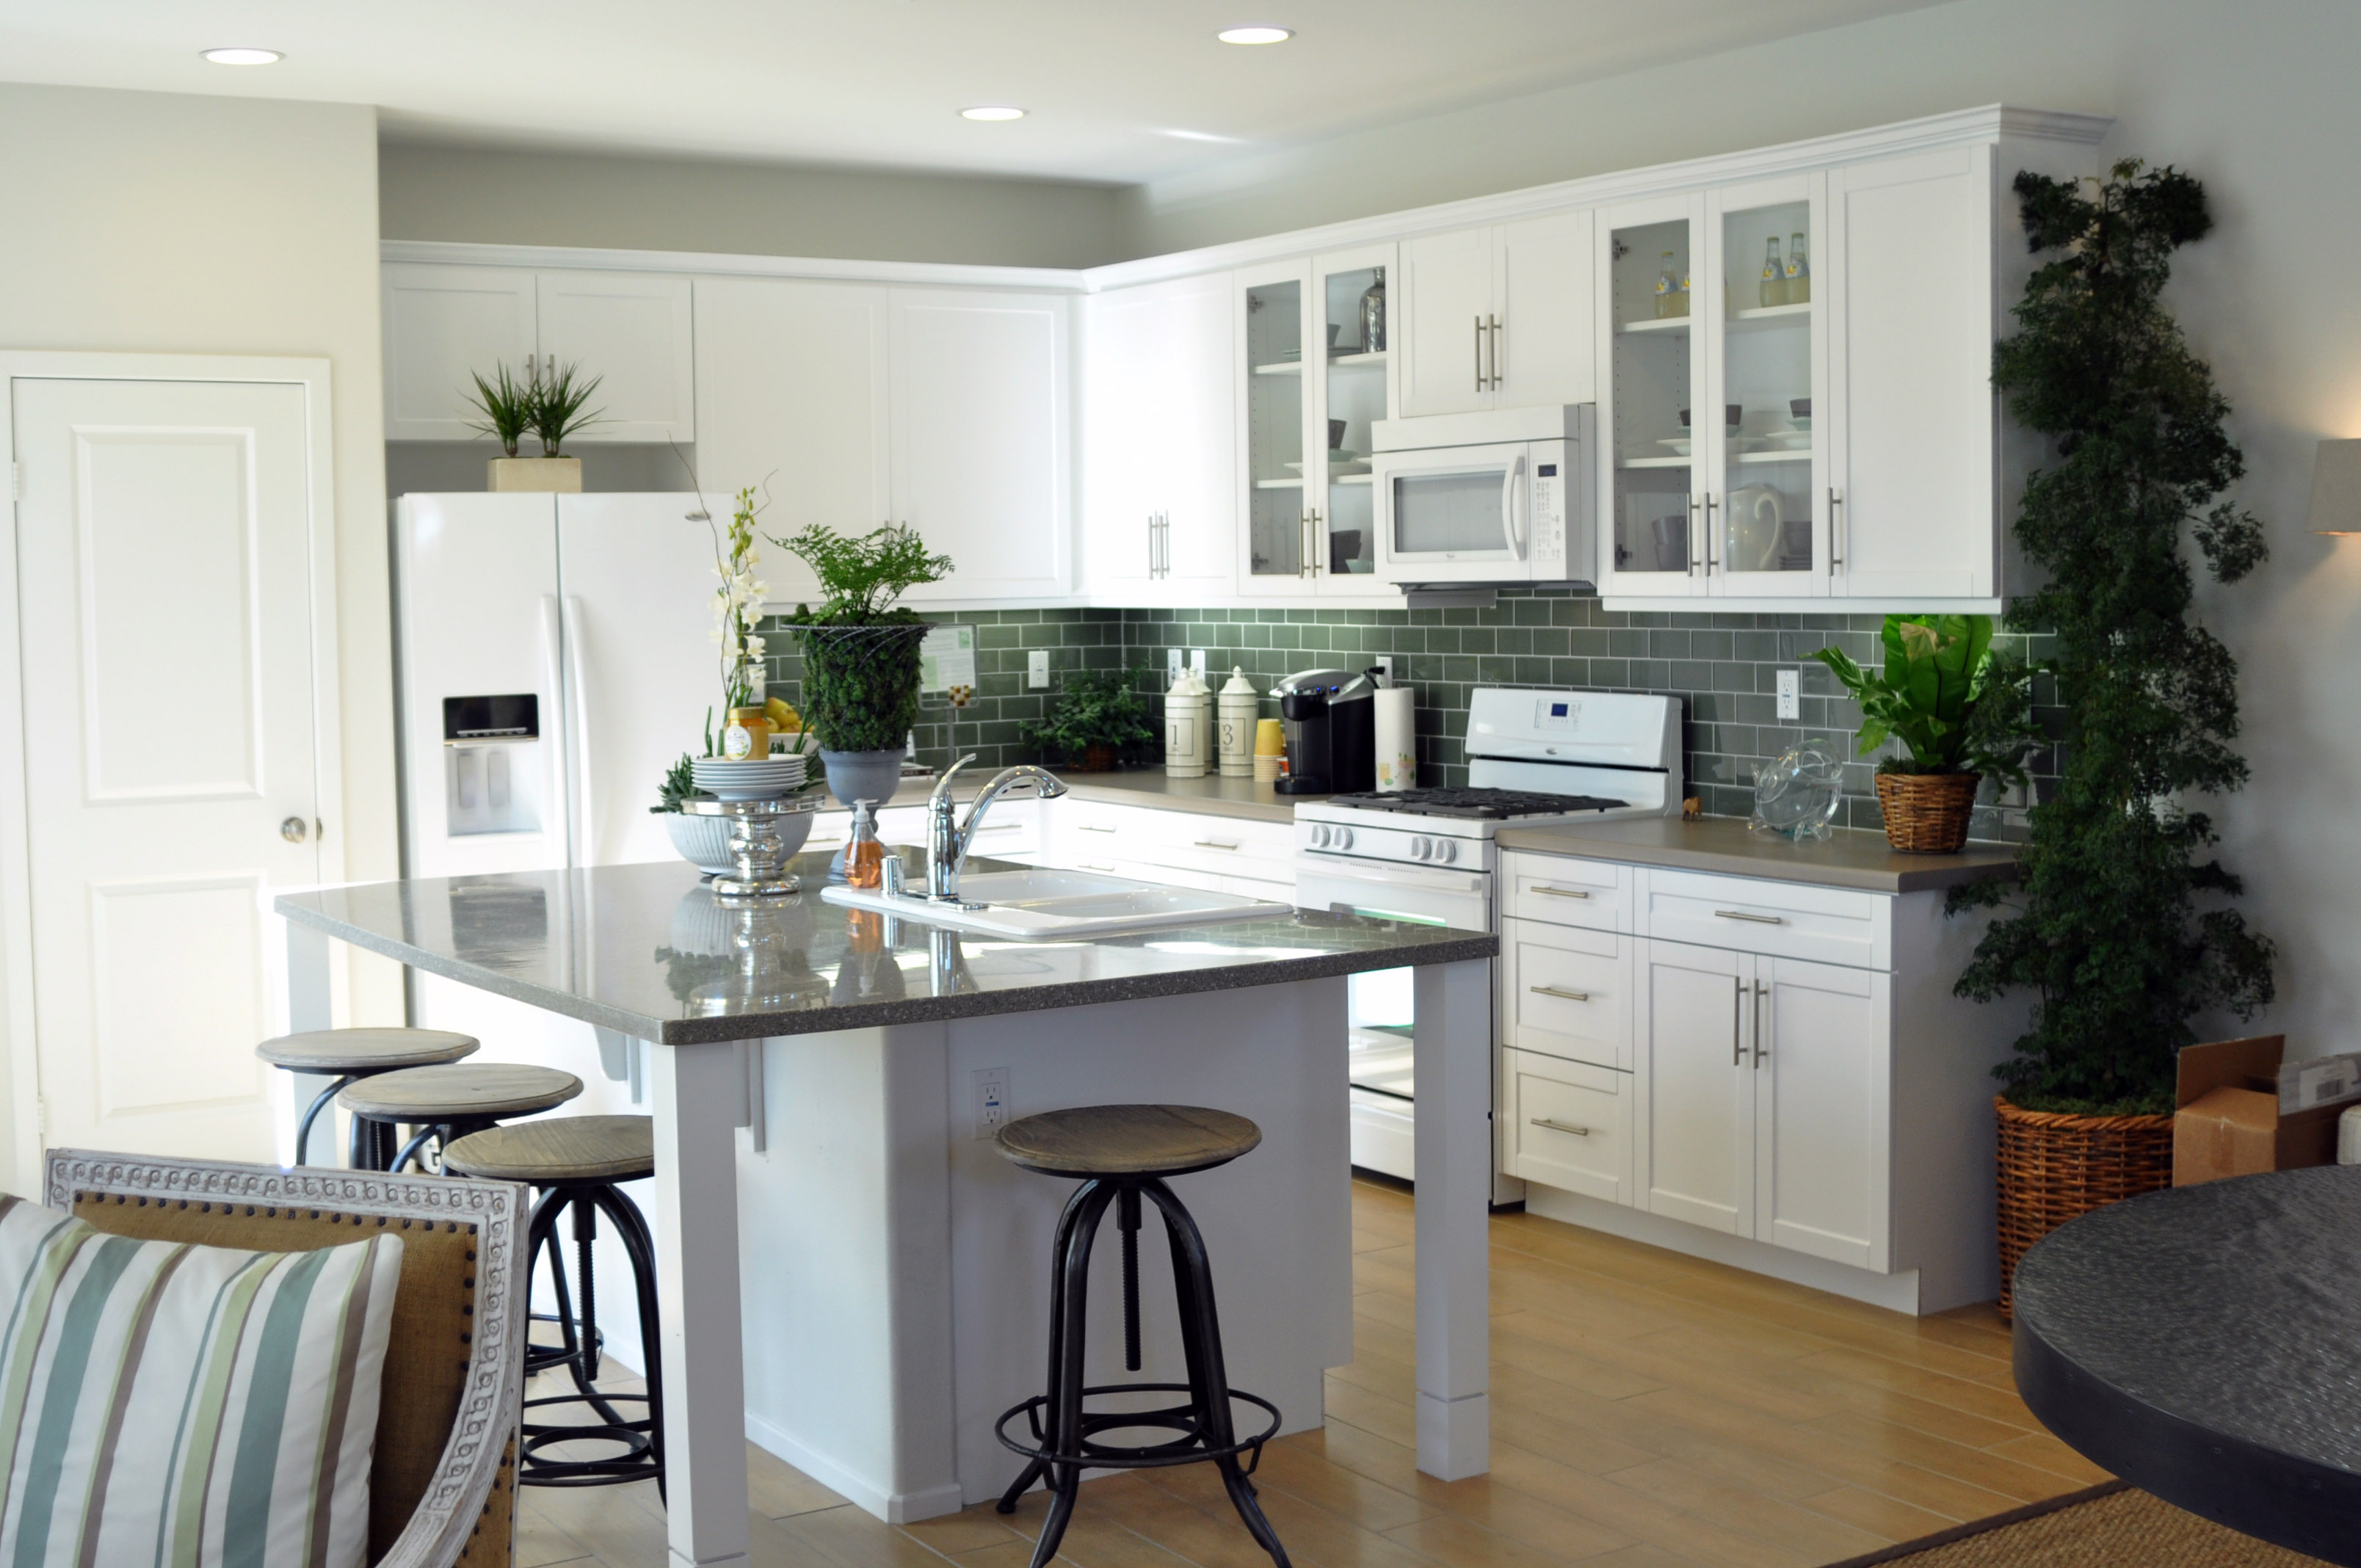 Best Kitchen Gallery: European Style Cabi S Professionalcabi Solutions of European Style Kitchen on rachelxblog.com